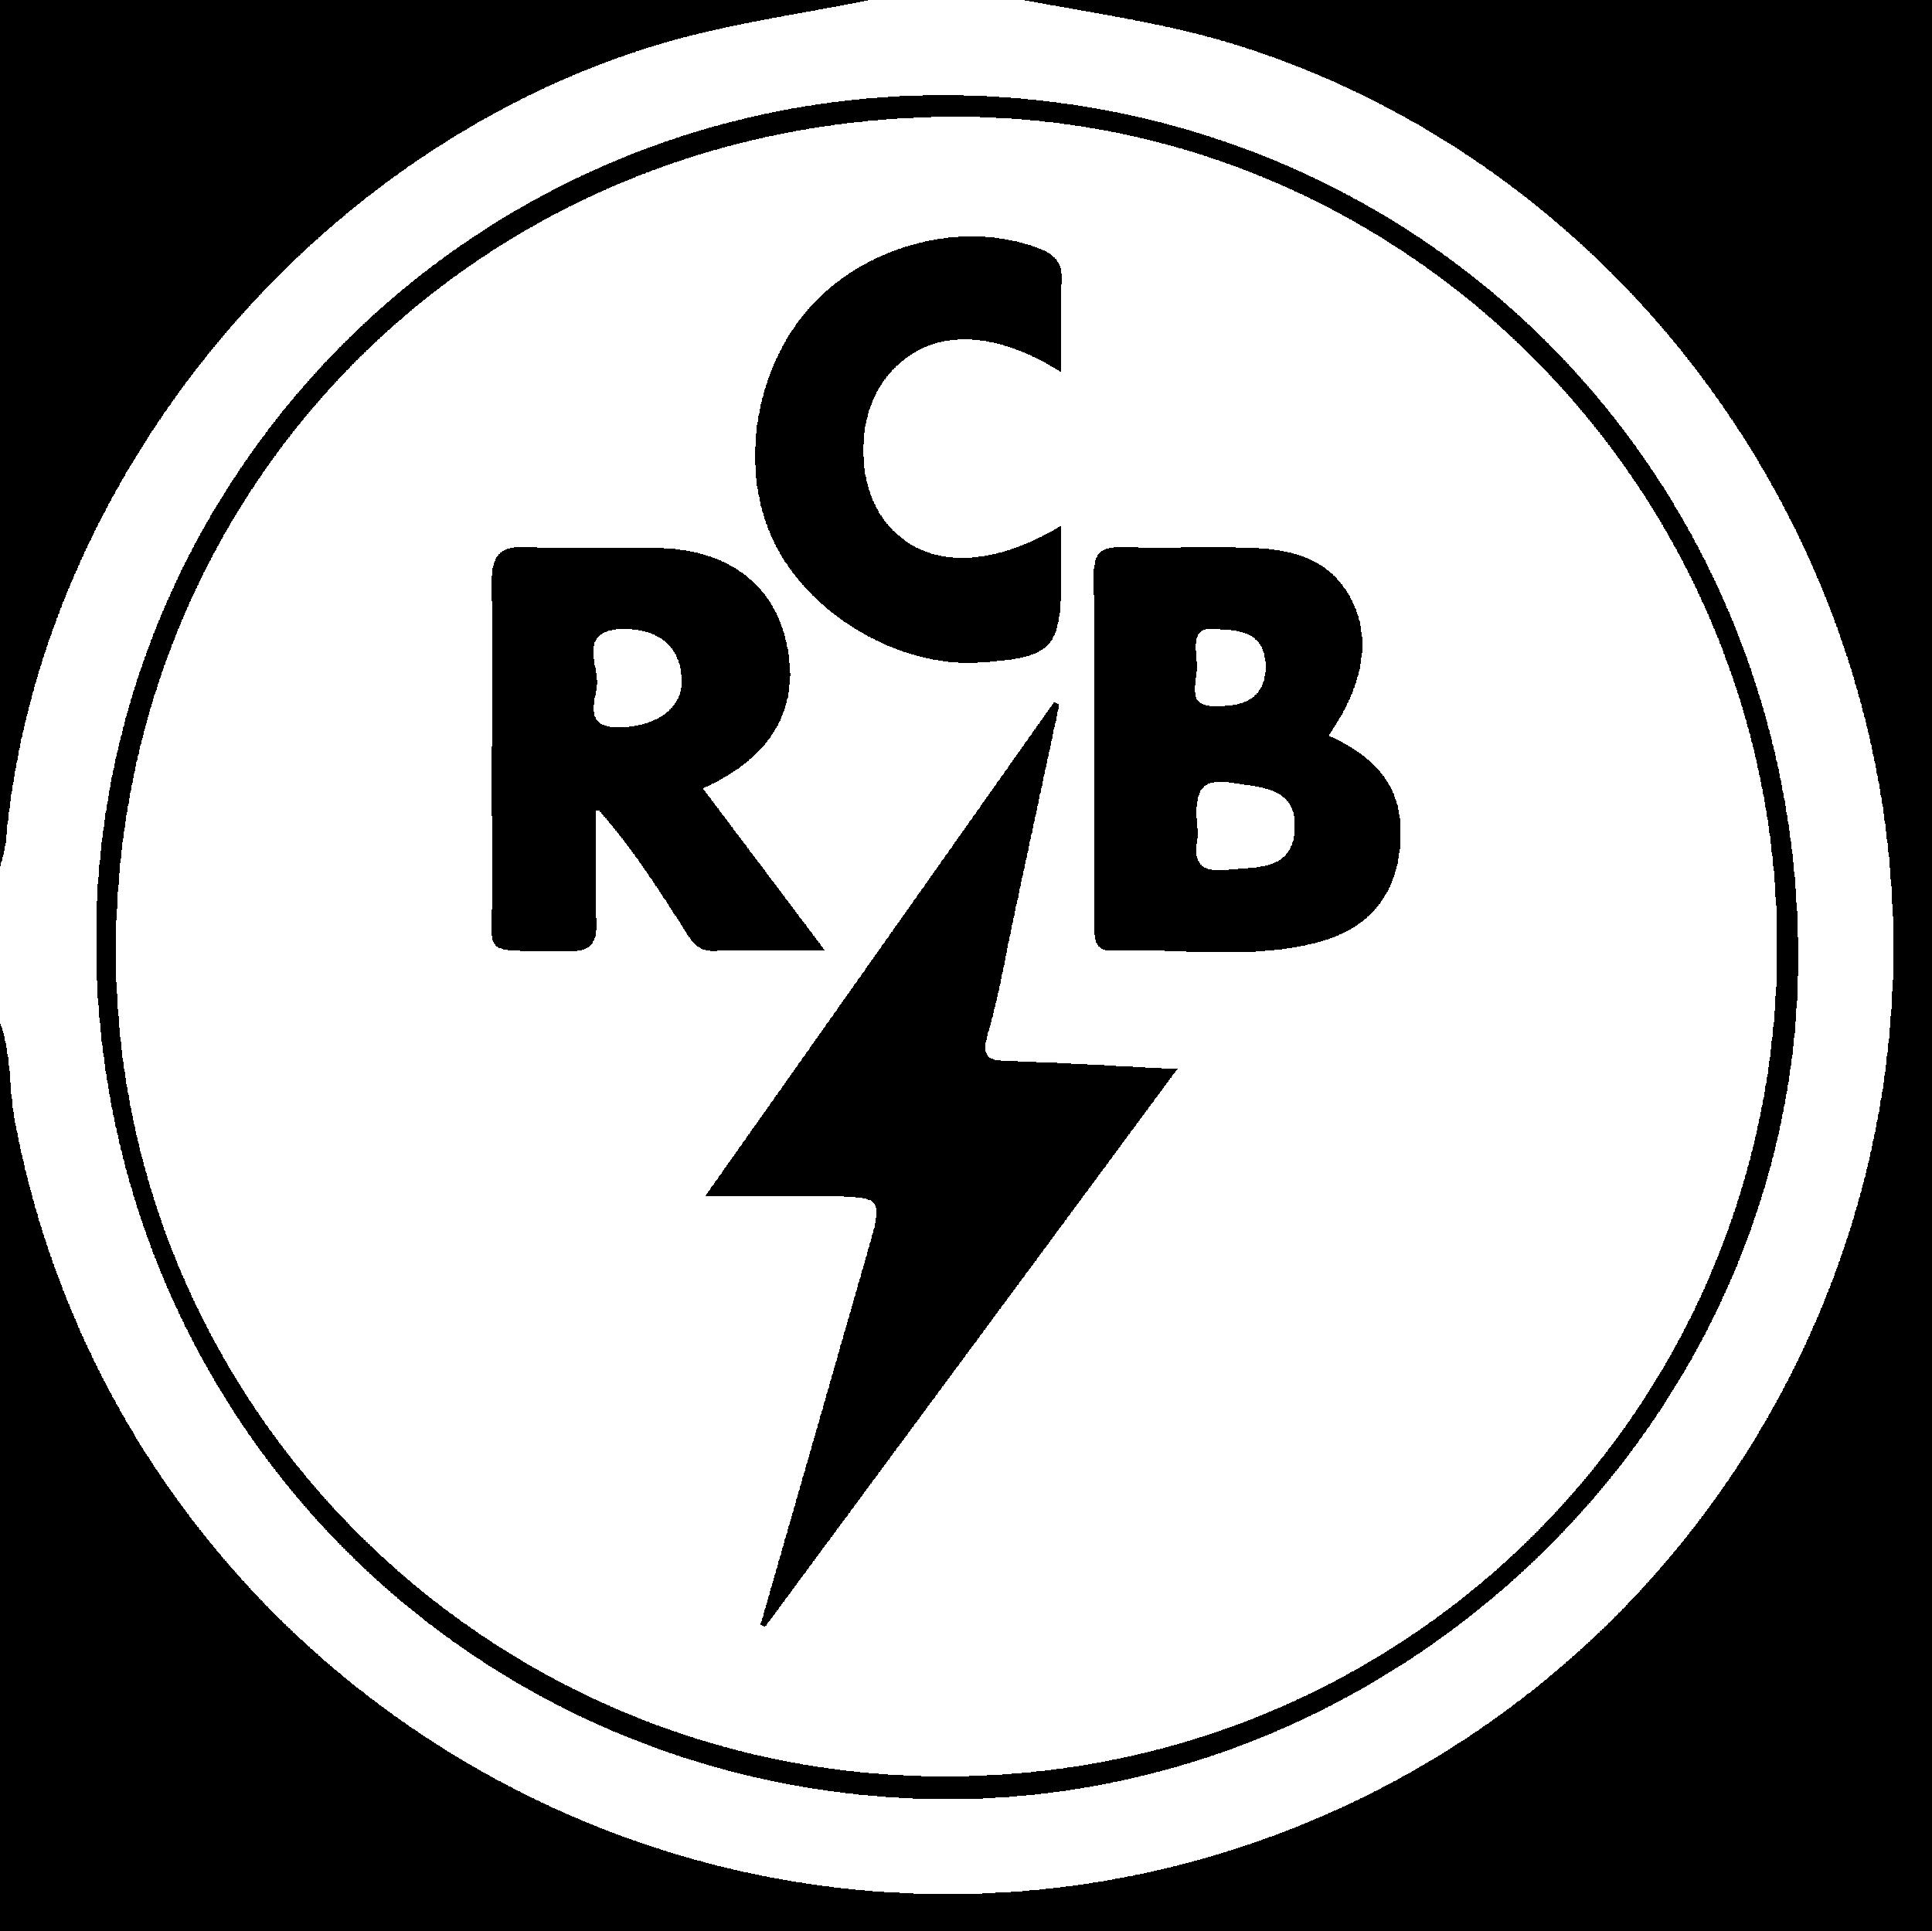 RCB BOLT.png